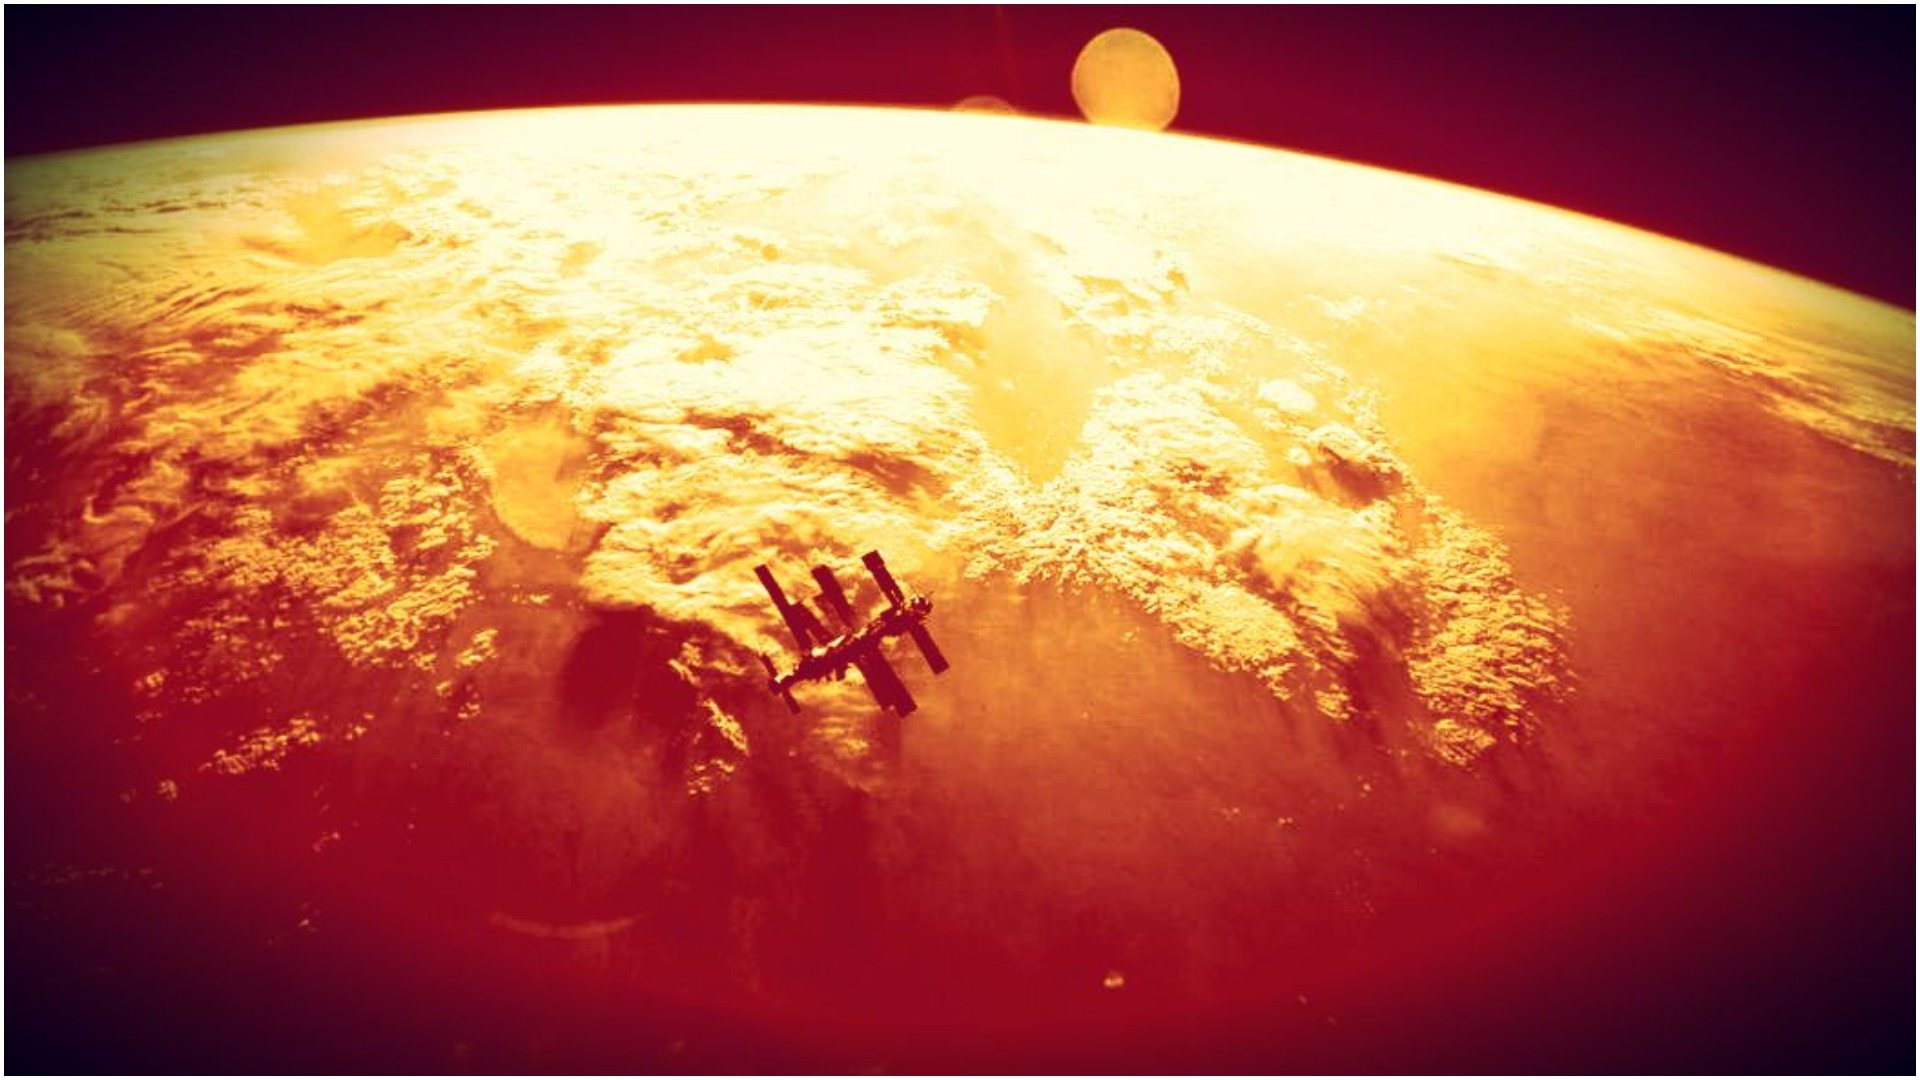 Ludzkość czeka KATASTROFA. Niebawem o Ziemię rozbije się ogromna stacja kosmiczna